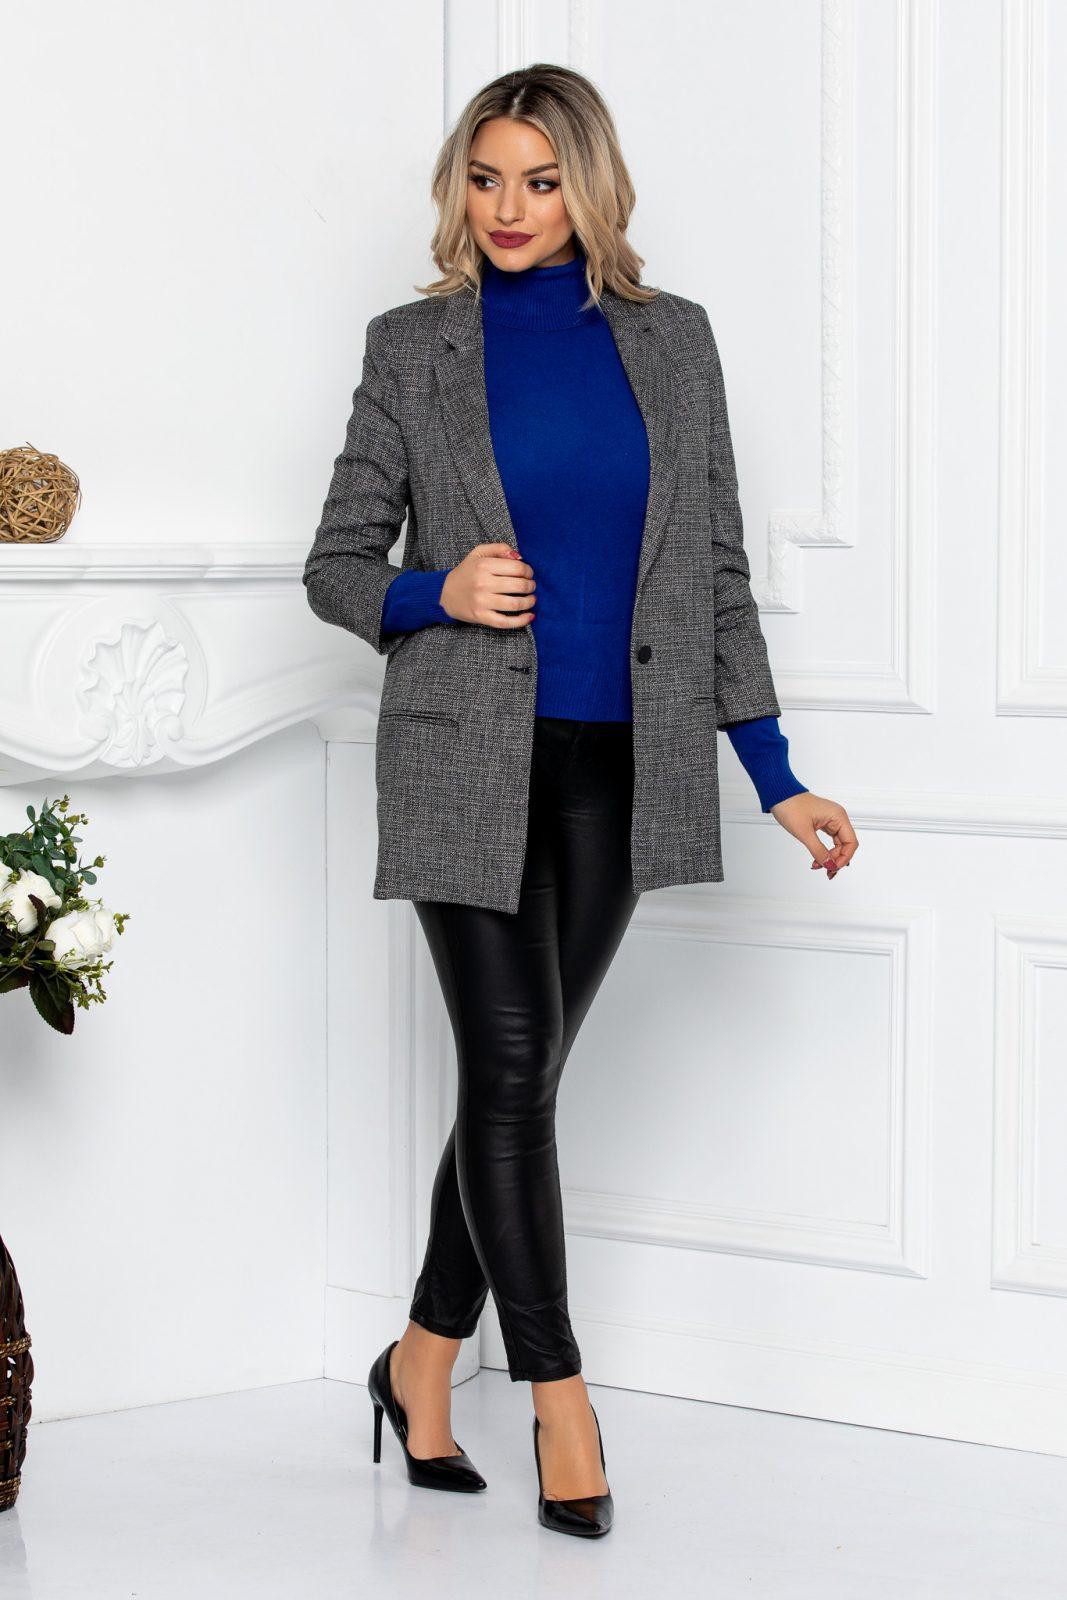 Olly Grey Jacket